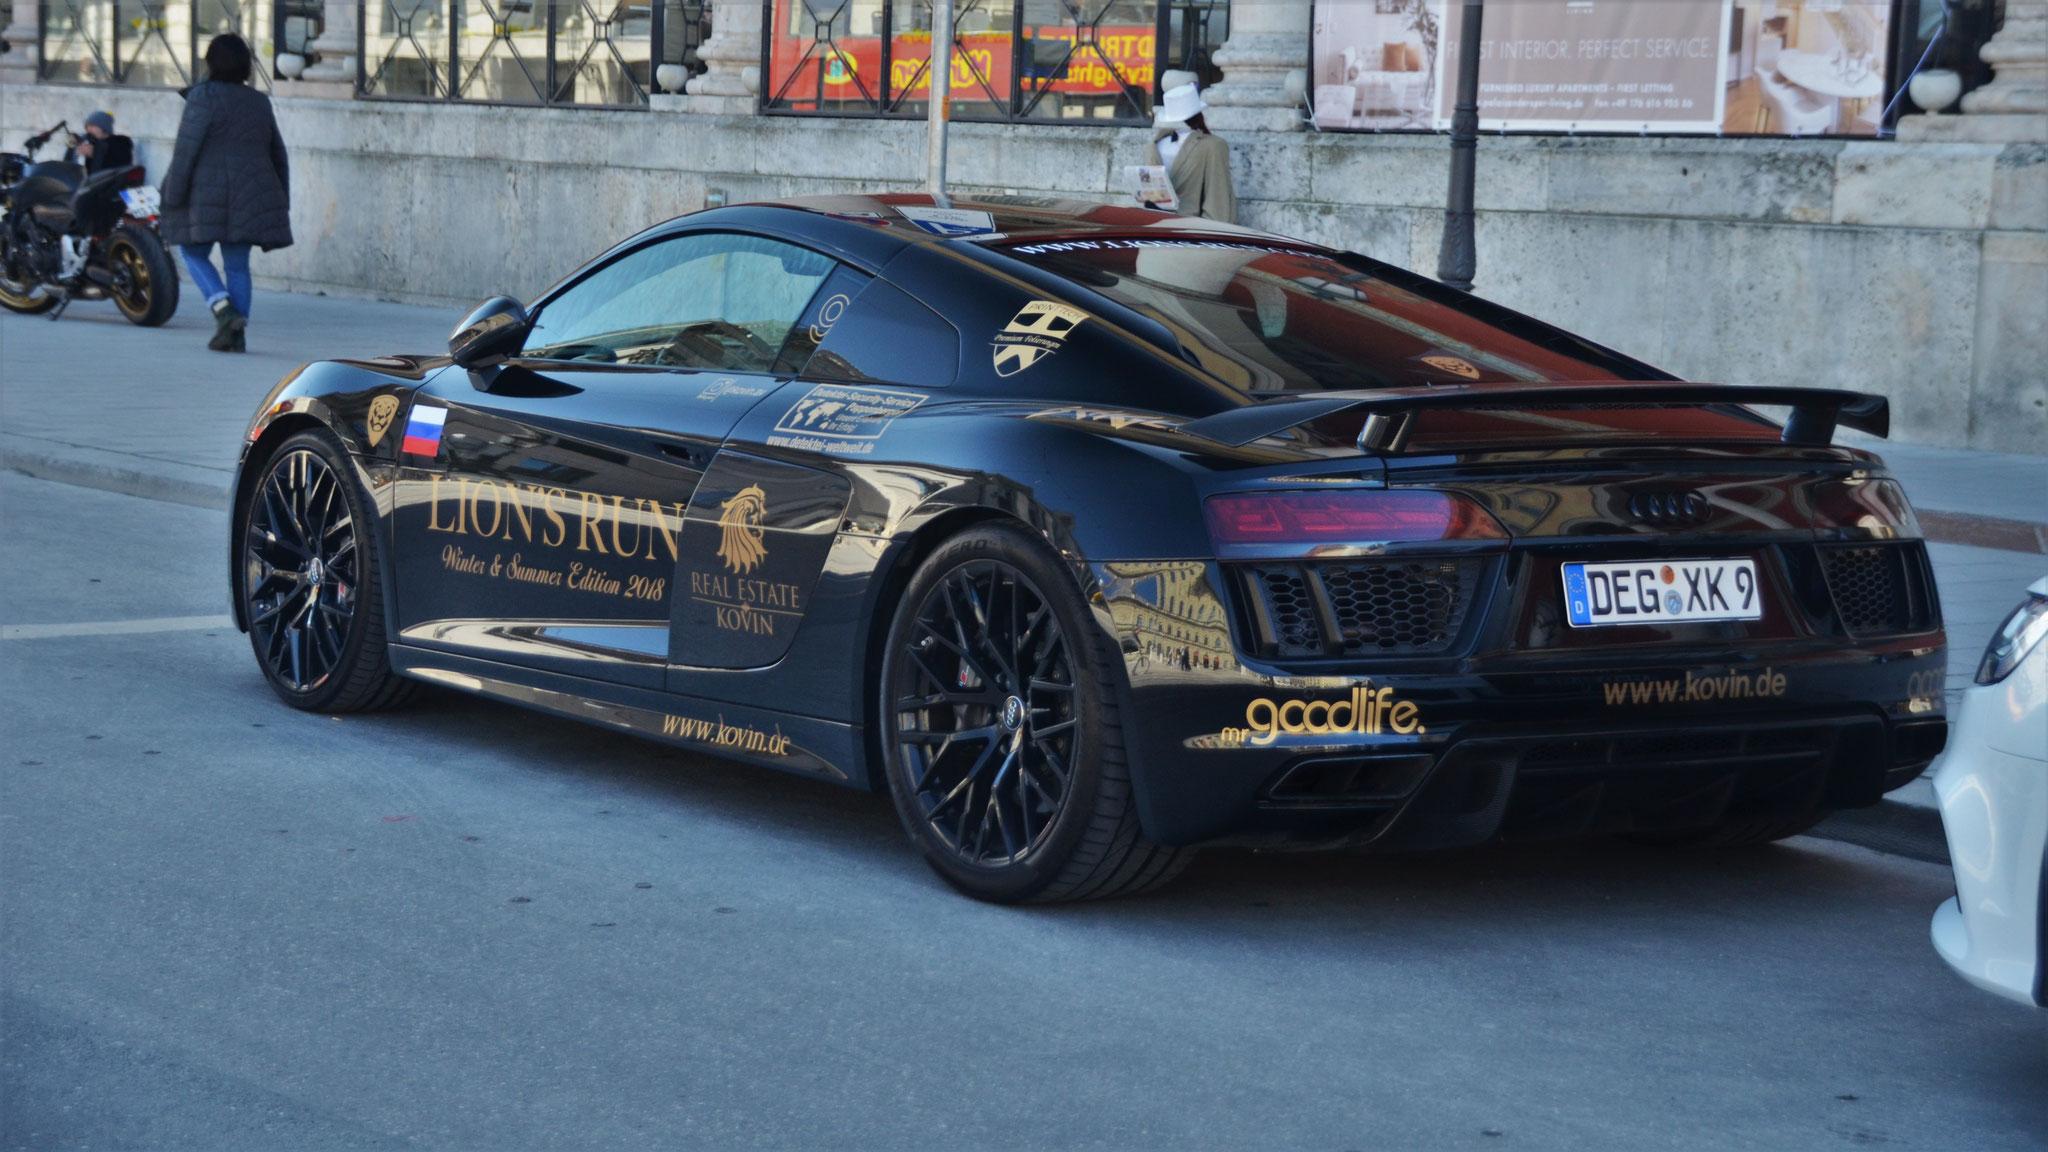 Audi R8 V10 - DEG-XK-9